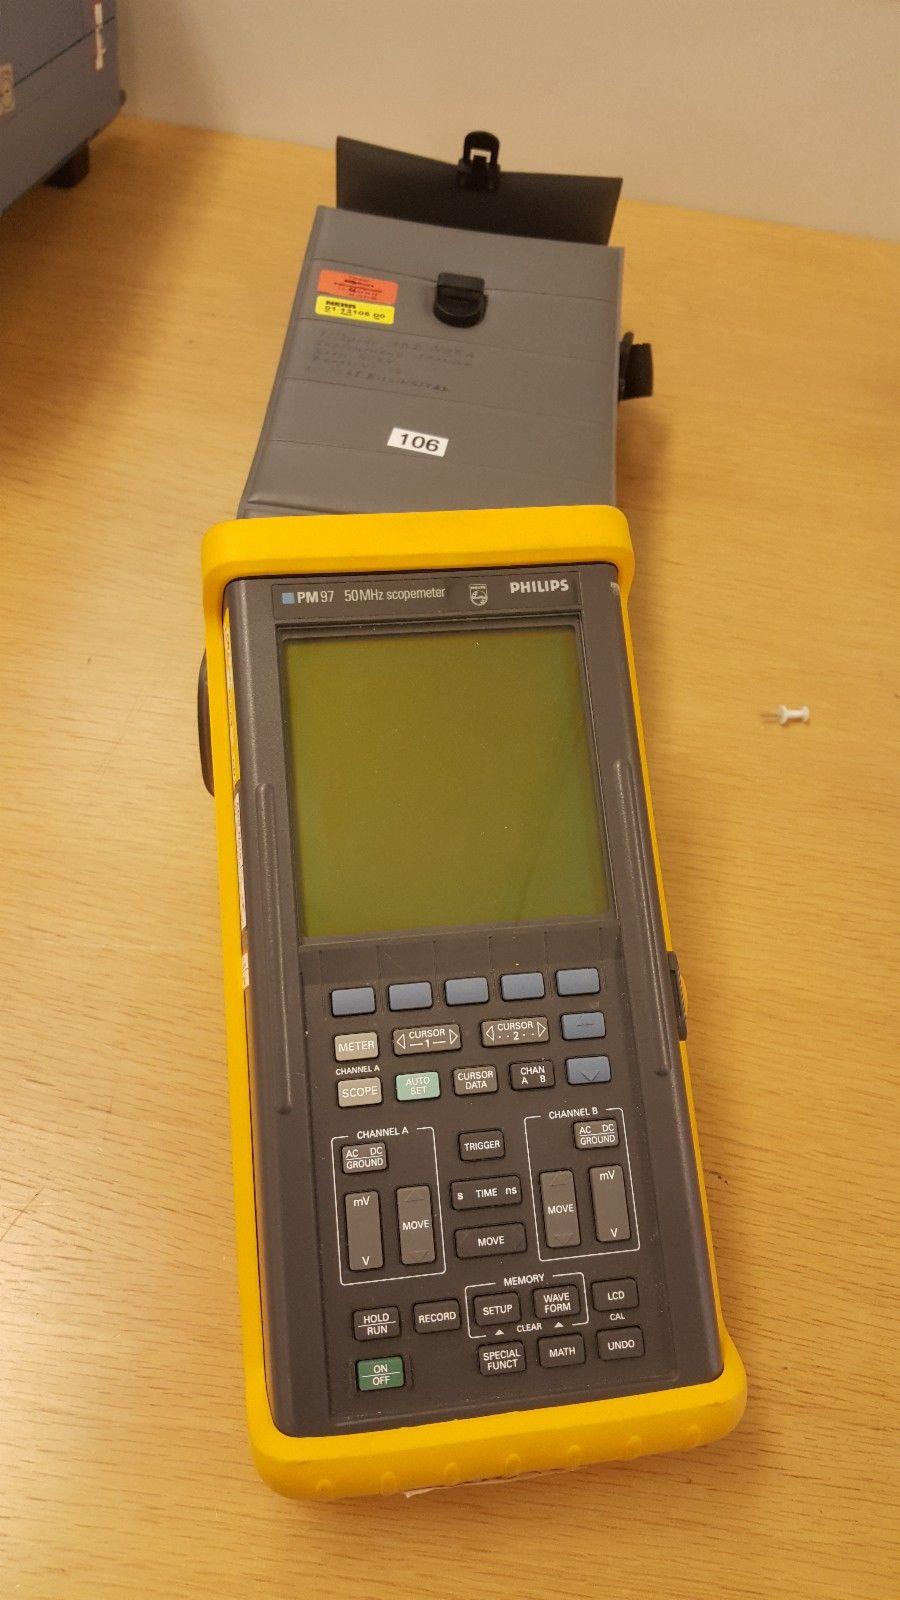 Philips (fluke) Scopemeter PM97 - Kokstad  - 50 MHz håndhold oscilloscope.  NB: uten batteribakke og lader. - Kokstad